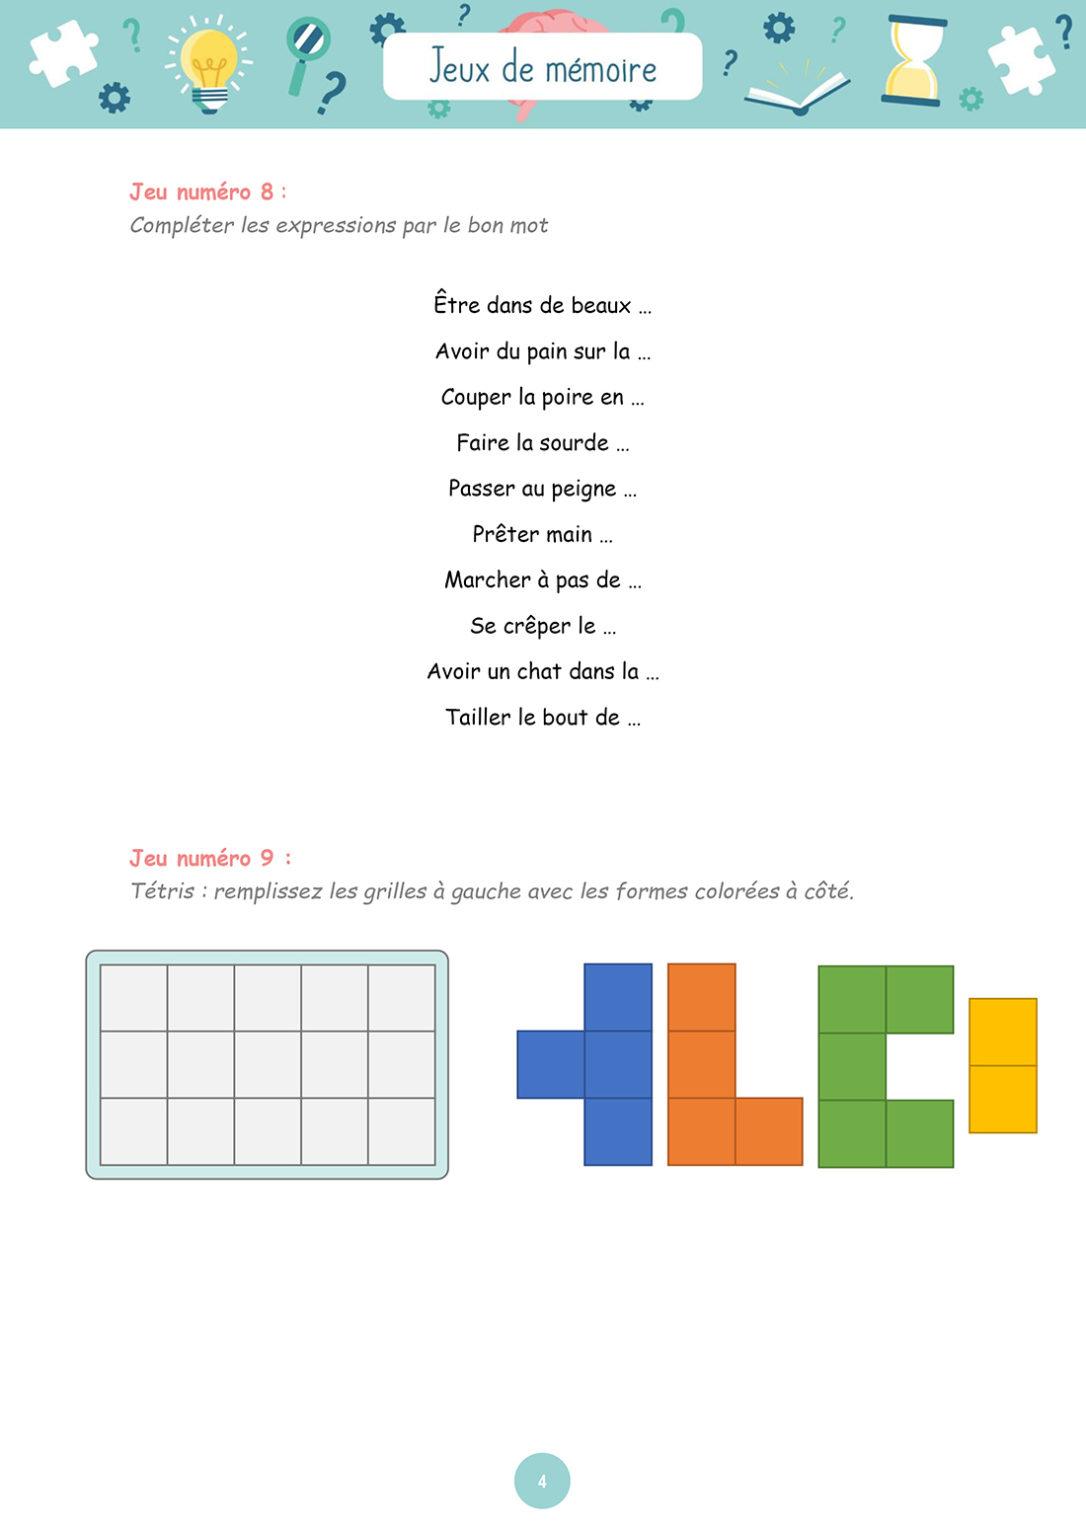 Jeux de mémoire - Mardi 23 mars 2021 - Page 4